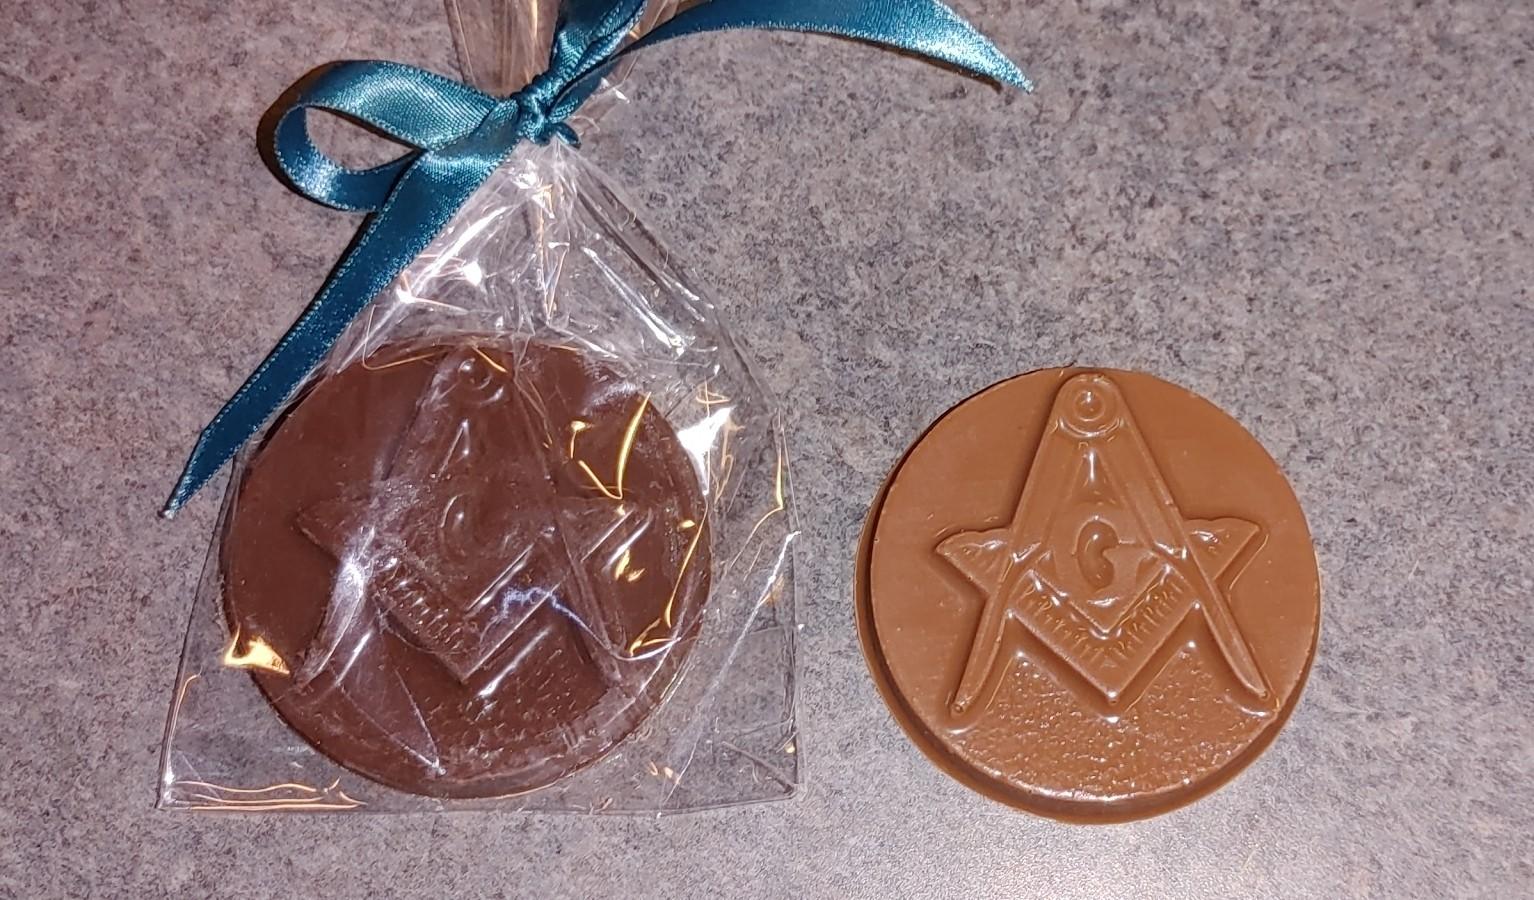 Masonic Lodge piece